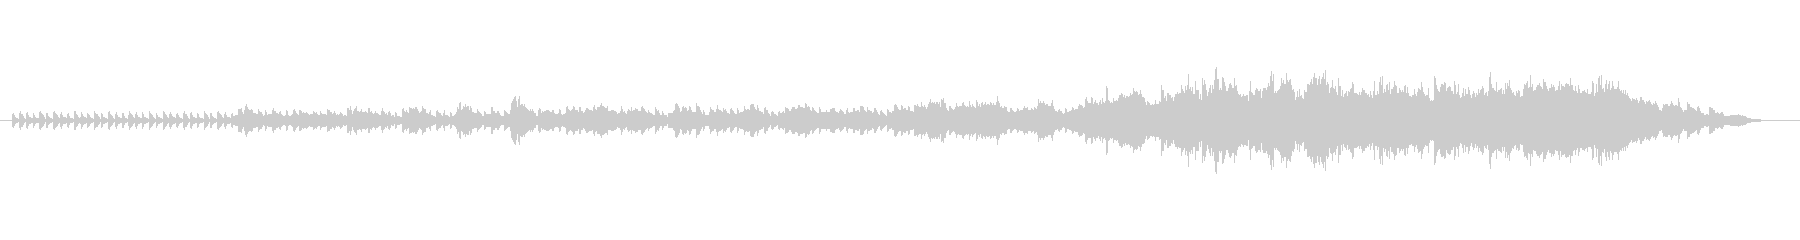 オープニングやエンディングのムービーシ…の未再生の波形